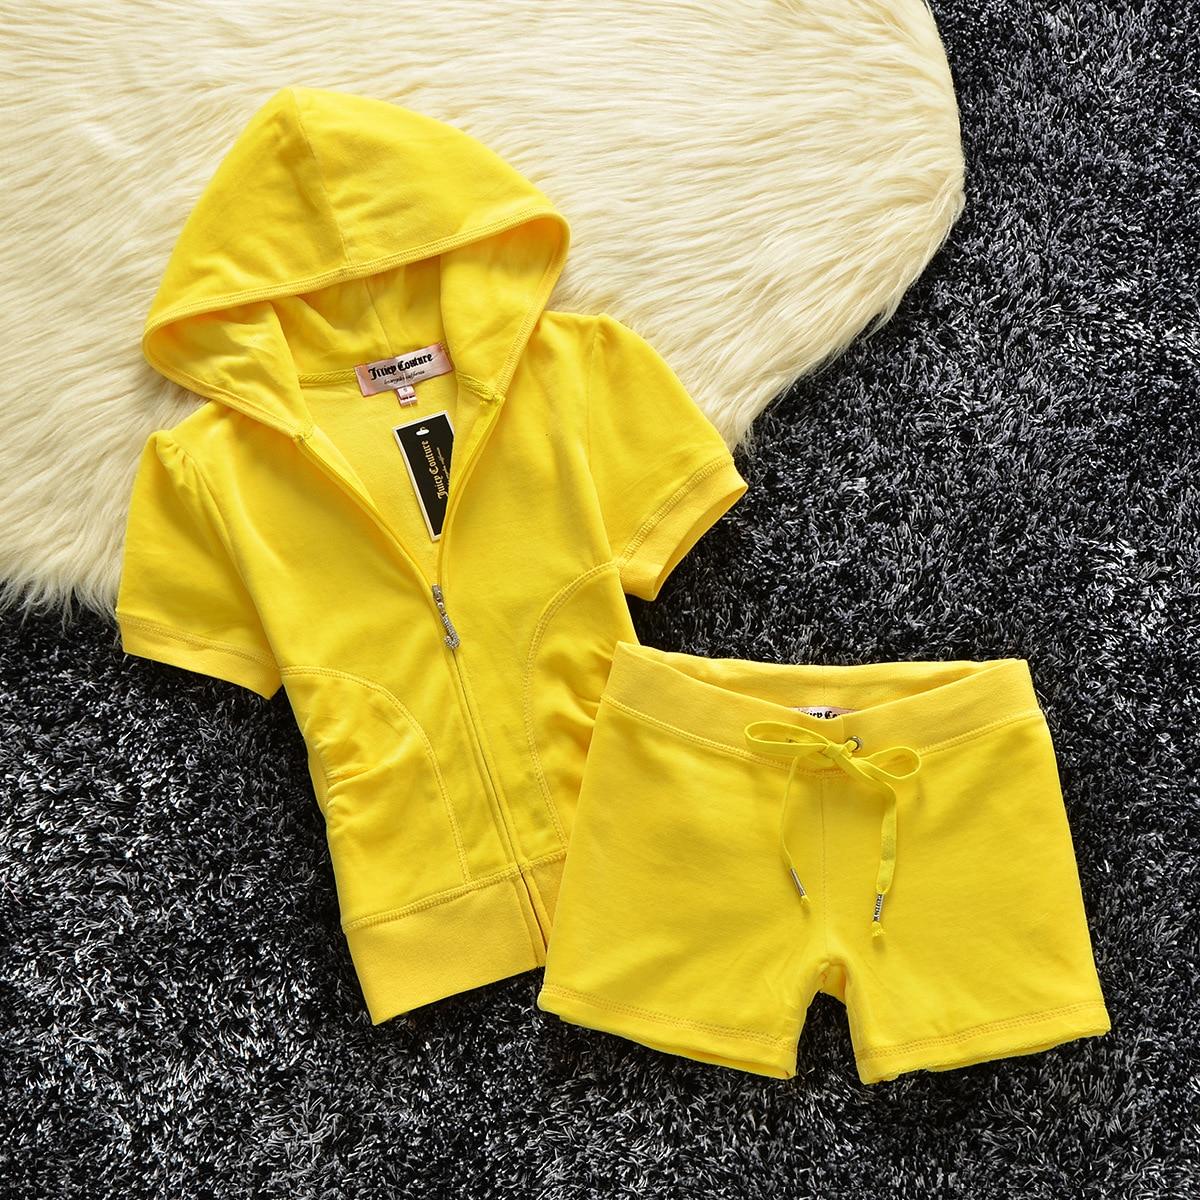 外国貿易ハイエンド夏のファッションスポーツウェアクラウンドリル半袖スーツオフィスレジャー女性の装飾ボディ  グループ上の レディース衣服 からの レディースセット の中 1